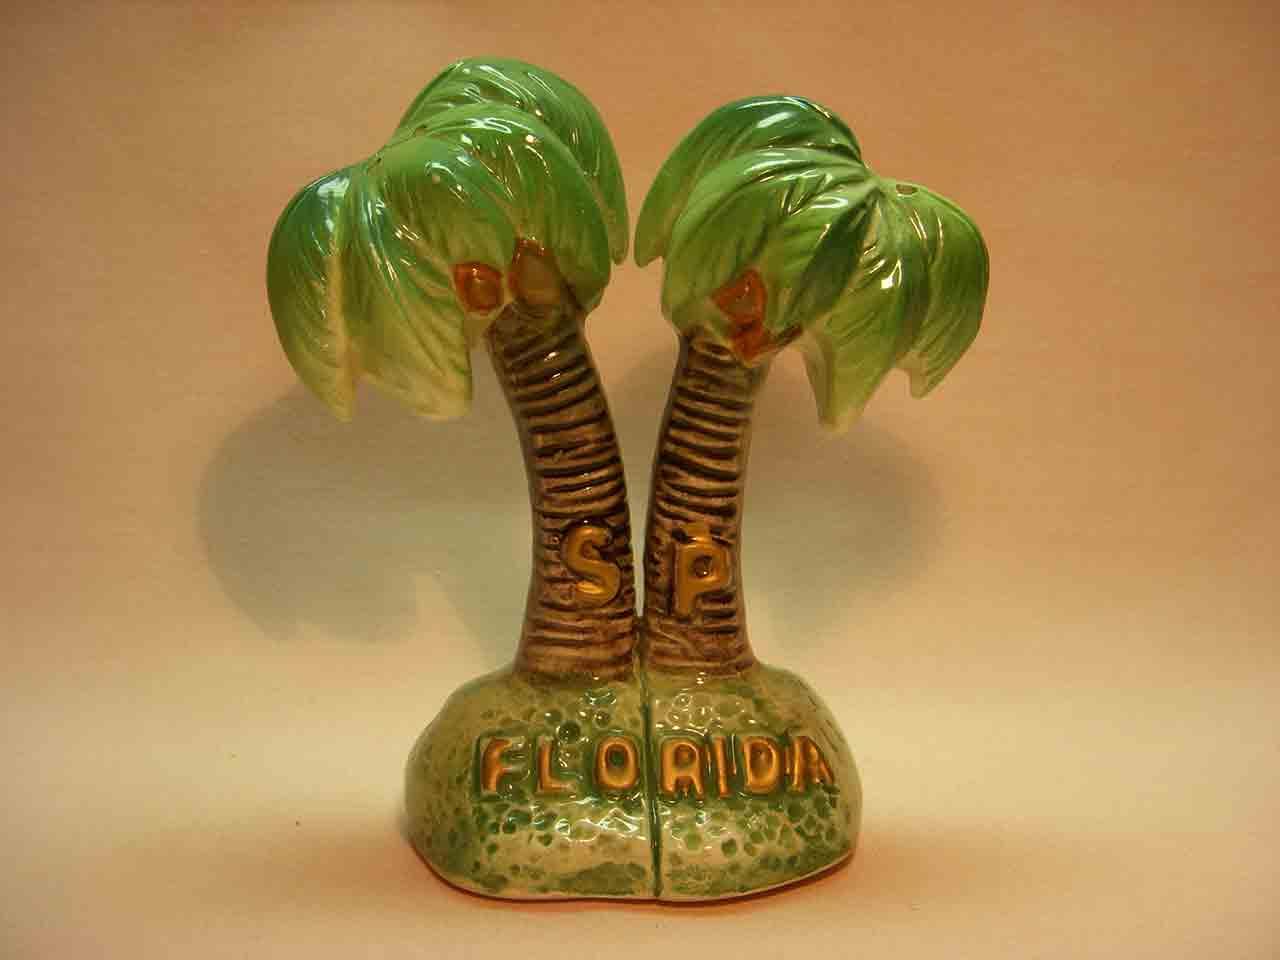 Florida souvenir one piece palm tree salt and pepper shaker